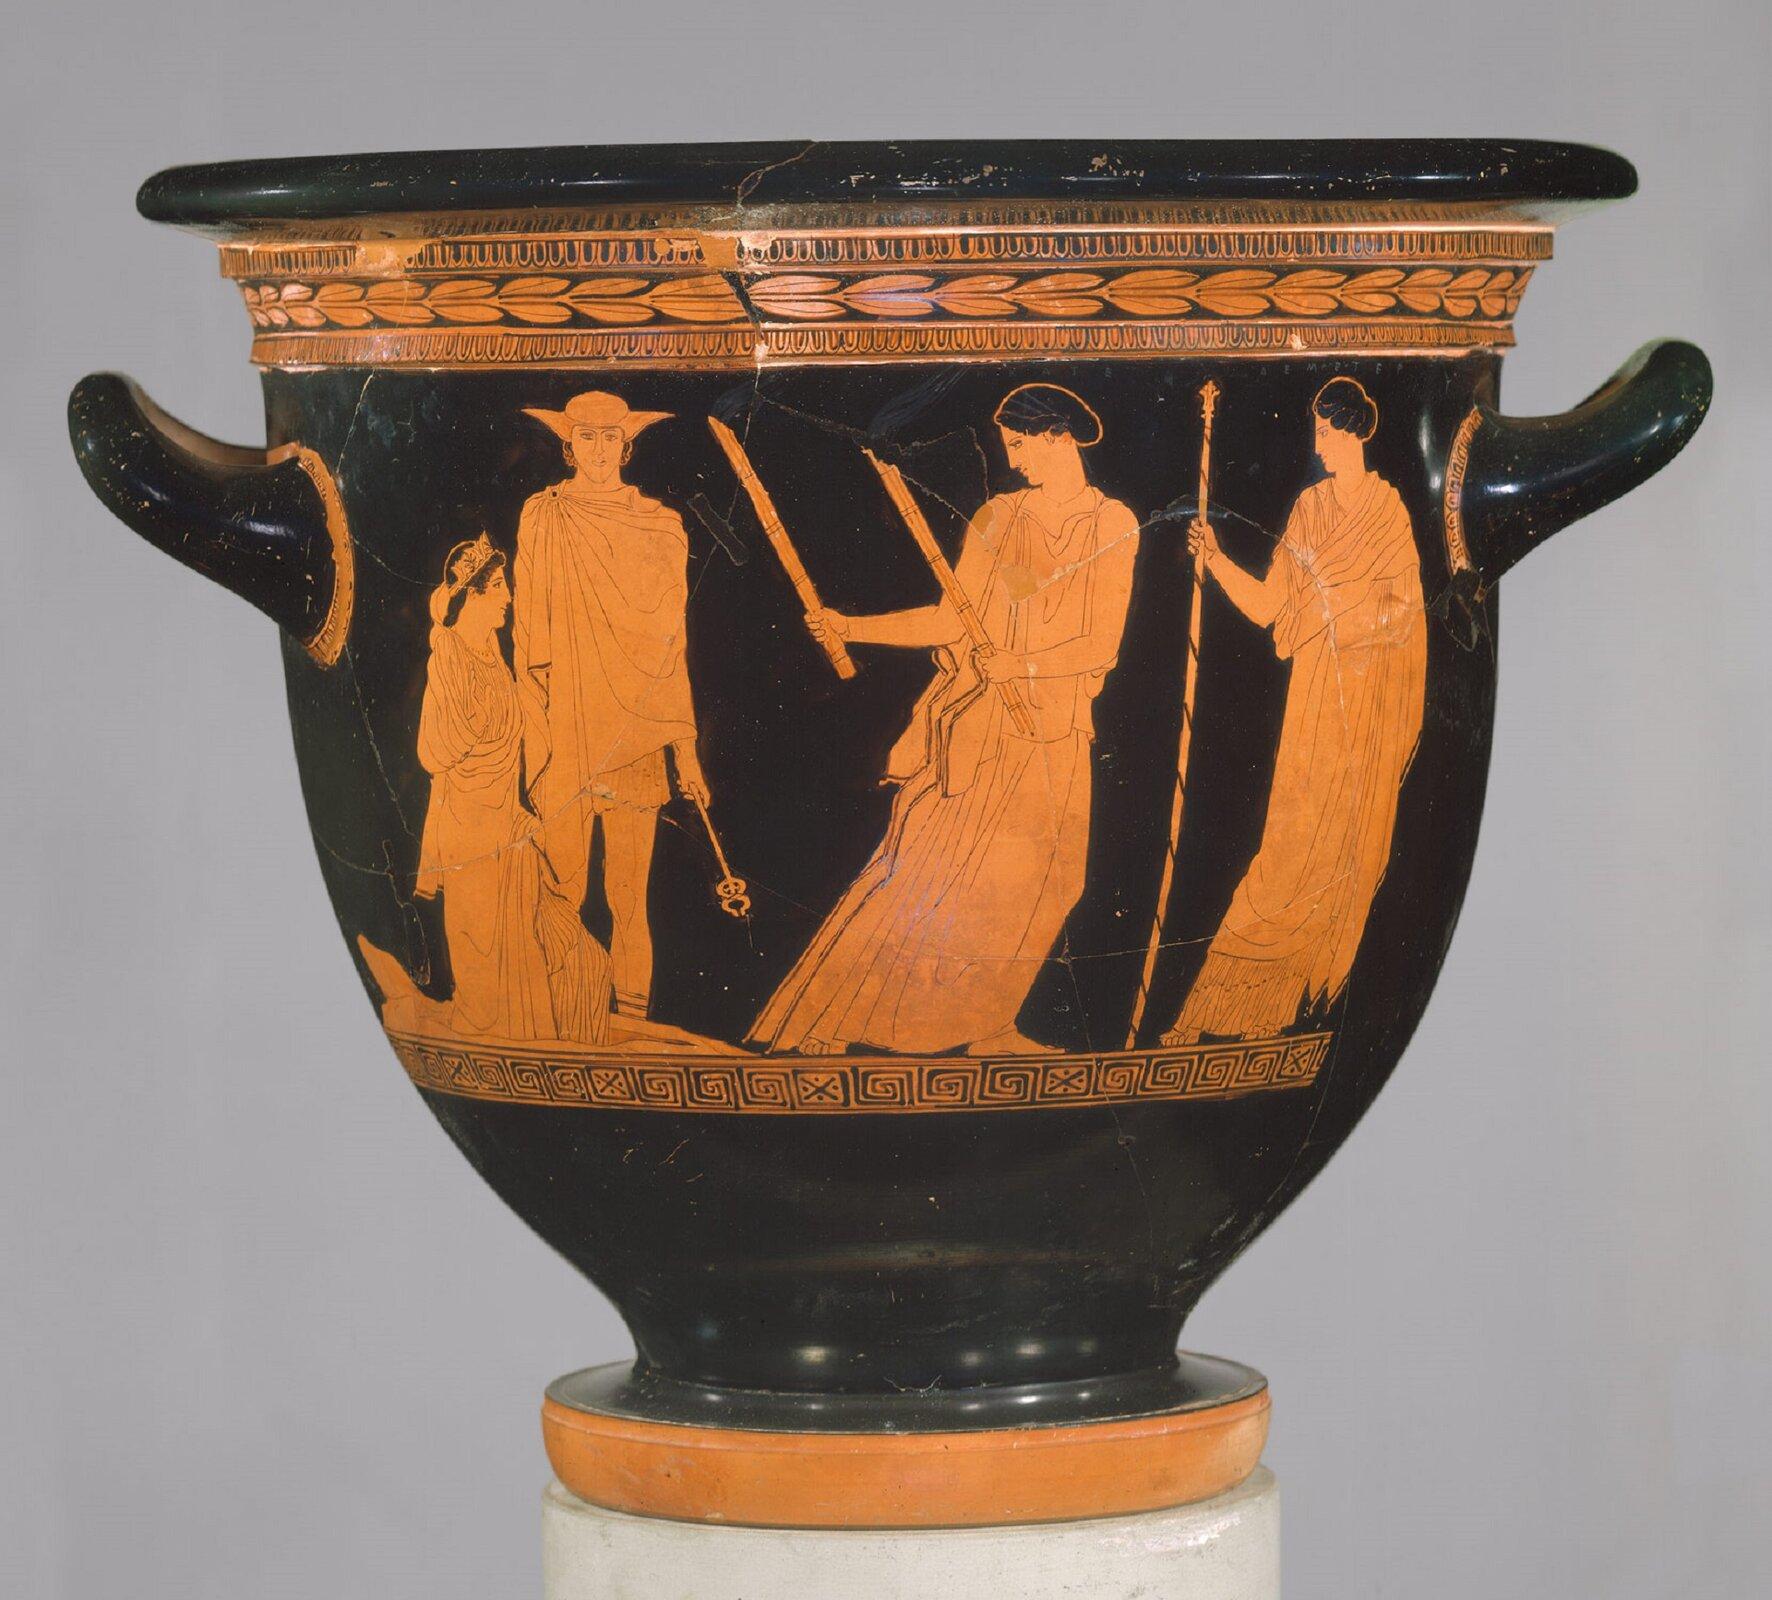 """Fotografia przedstawia naczynie autorstwa malarza Persefony pt. """"Terakotowy krater dzwonowy"""", na którym znajduje się malarstwo czerwonofigurowe. Czarne naczynie posiada pomarańczową podstawkę, czarne ścianki zwystającymi uszami, oraz czarną pokrywę. Na ścianach naczynia znajduje się malunek przedstawiający grupę postaci. Od lewej strony: młoda klęcząca kobieta, ubrana wdługą szatę ztiarą na głowie. Po jej lewej stronie widoczny jest mężczyzna ubrany wczapkę zodstającymi uszami oraz wszatę (jej długość sięga do kolan), wręku trzyma przedmiot podobny do buławy. Zprawej strony widoczne są dwie kobiety – obie są ubrane wdługie szaty itrzymają wdłoniach przedmioty – jedna trzyma dwie ostro zakończone tyczki, druga zaś włócznię. Zdjęcie zostało wykonane na szarym tle."""